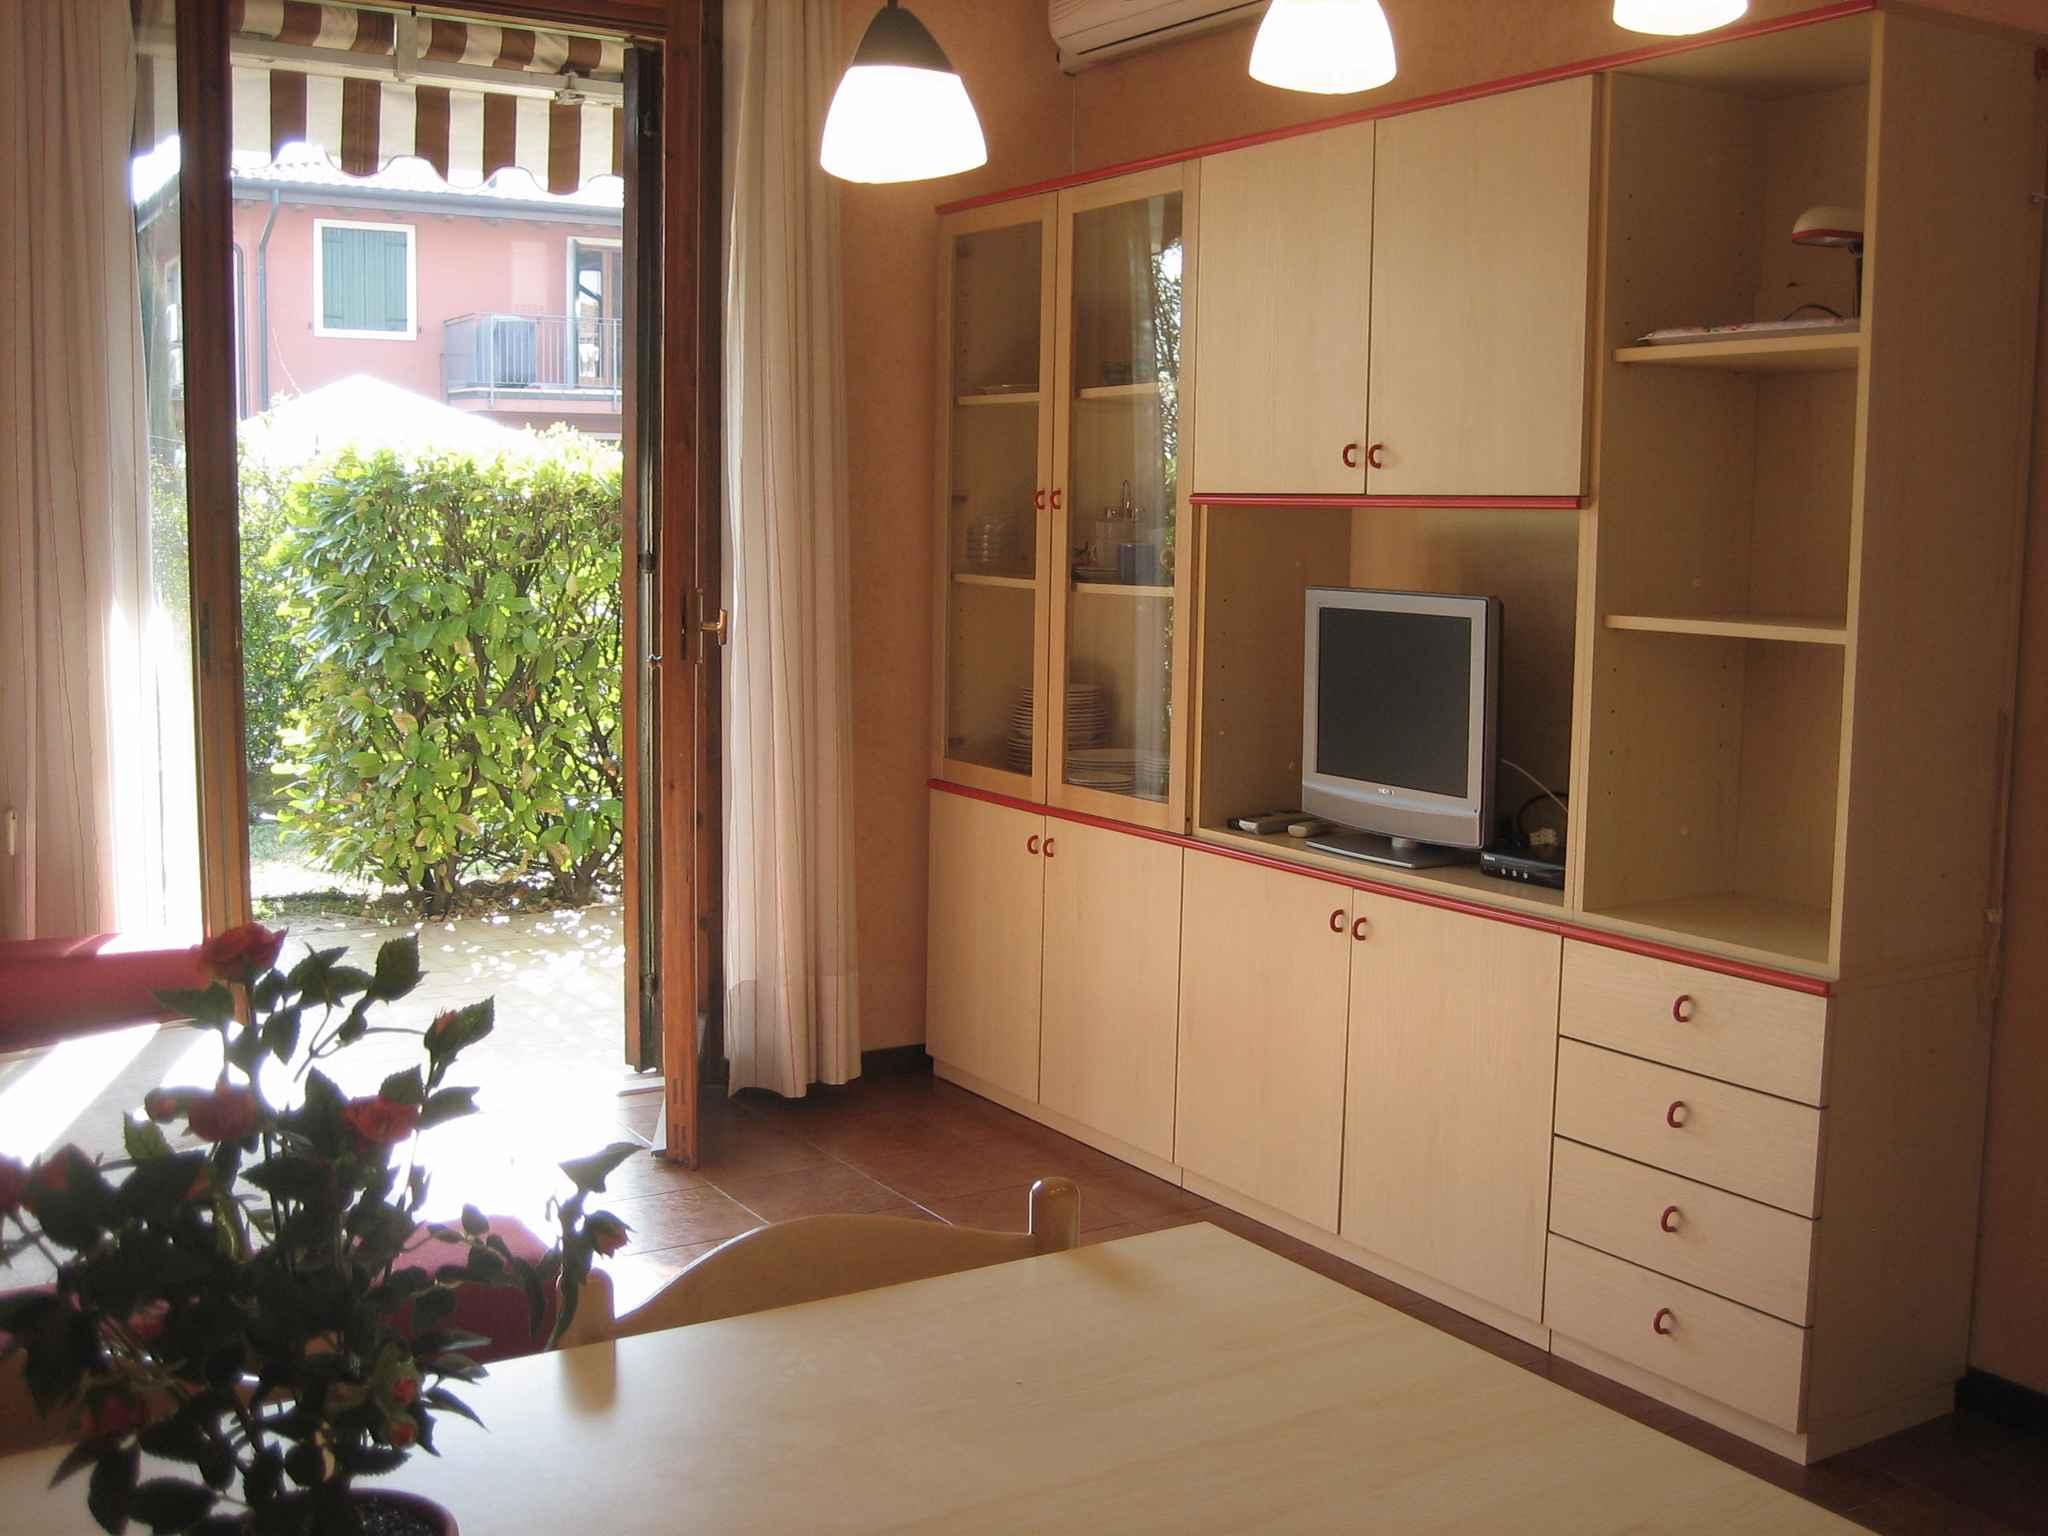 Ferienwohnung mit Klimaanlage (491819), Lazise, Gardasee, Venetien, Italien, Bild 11